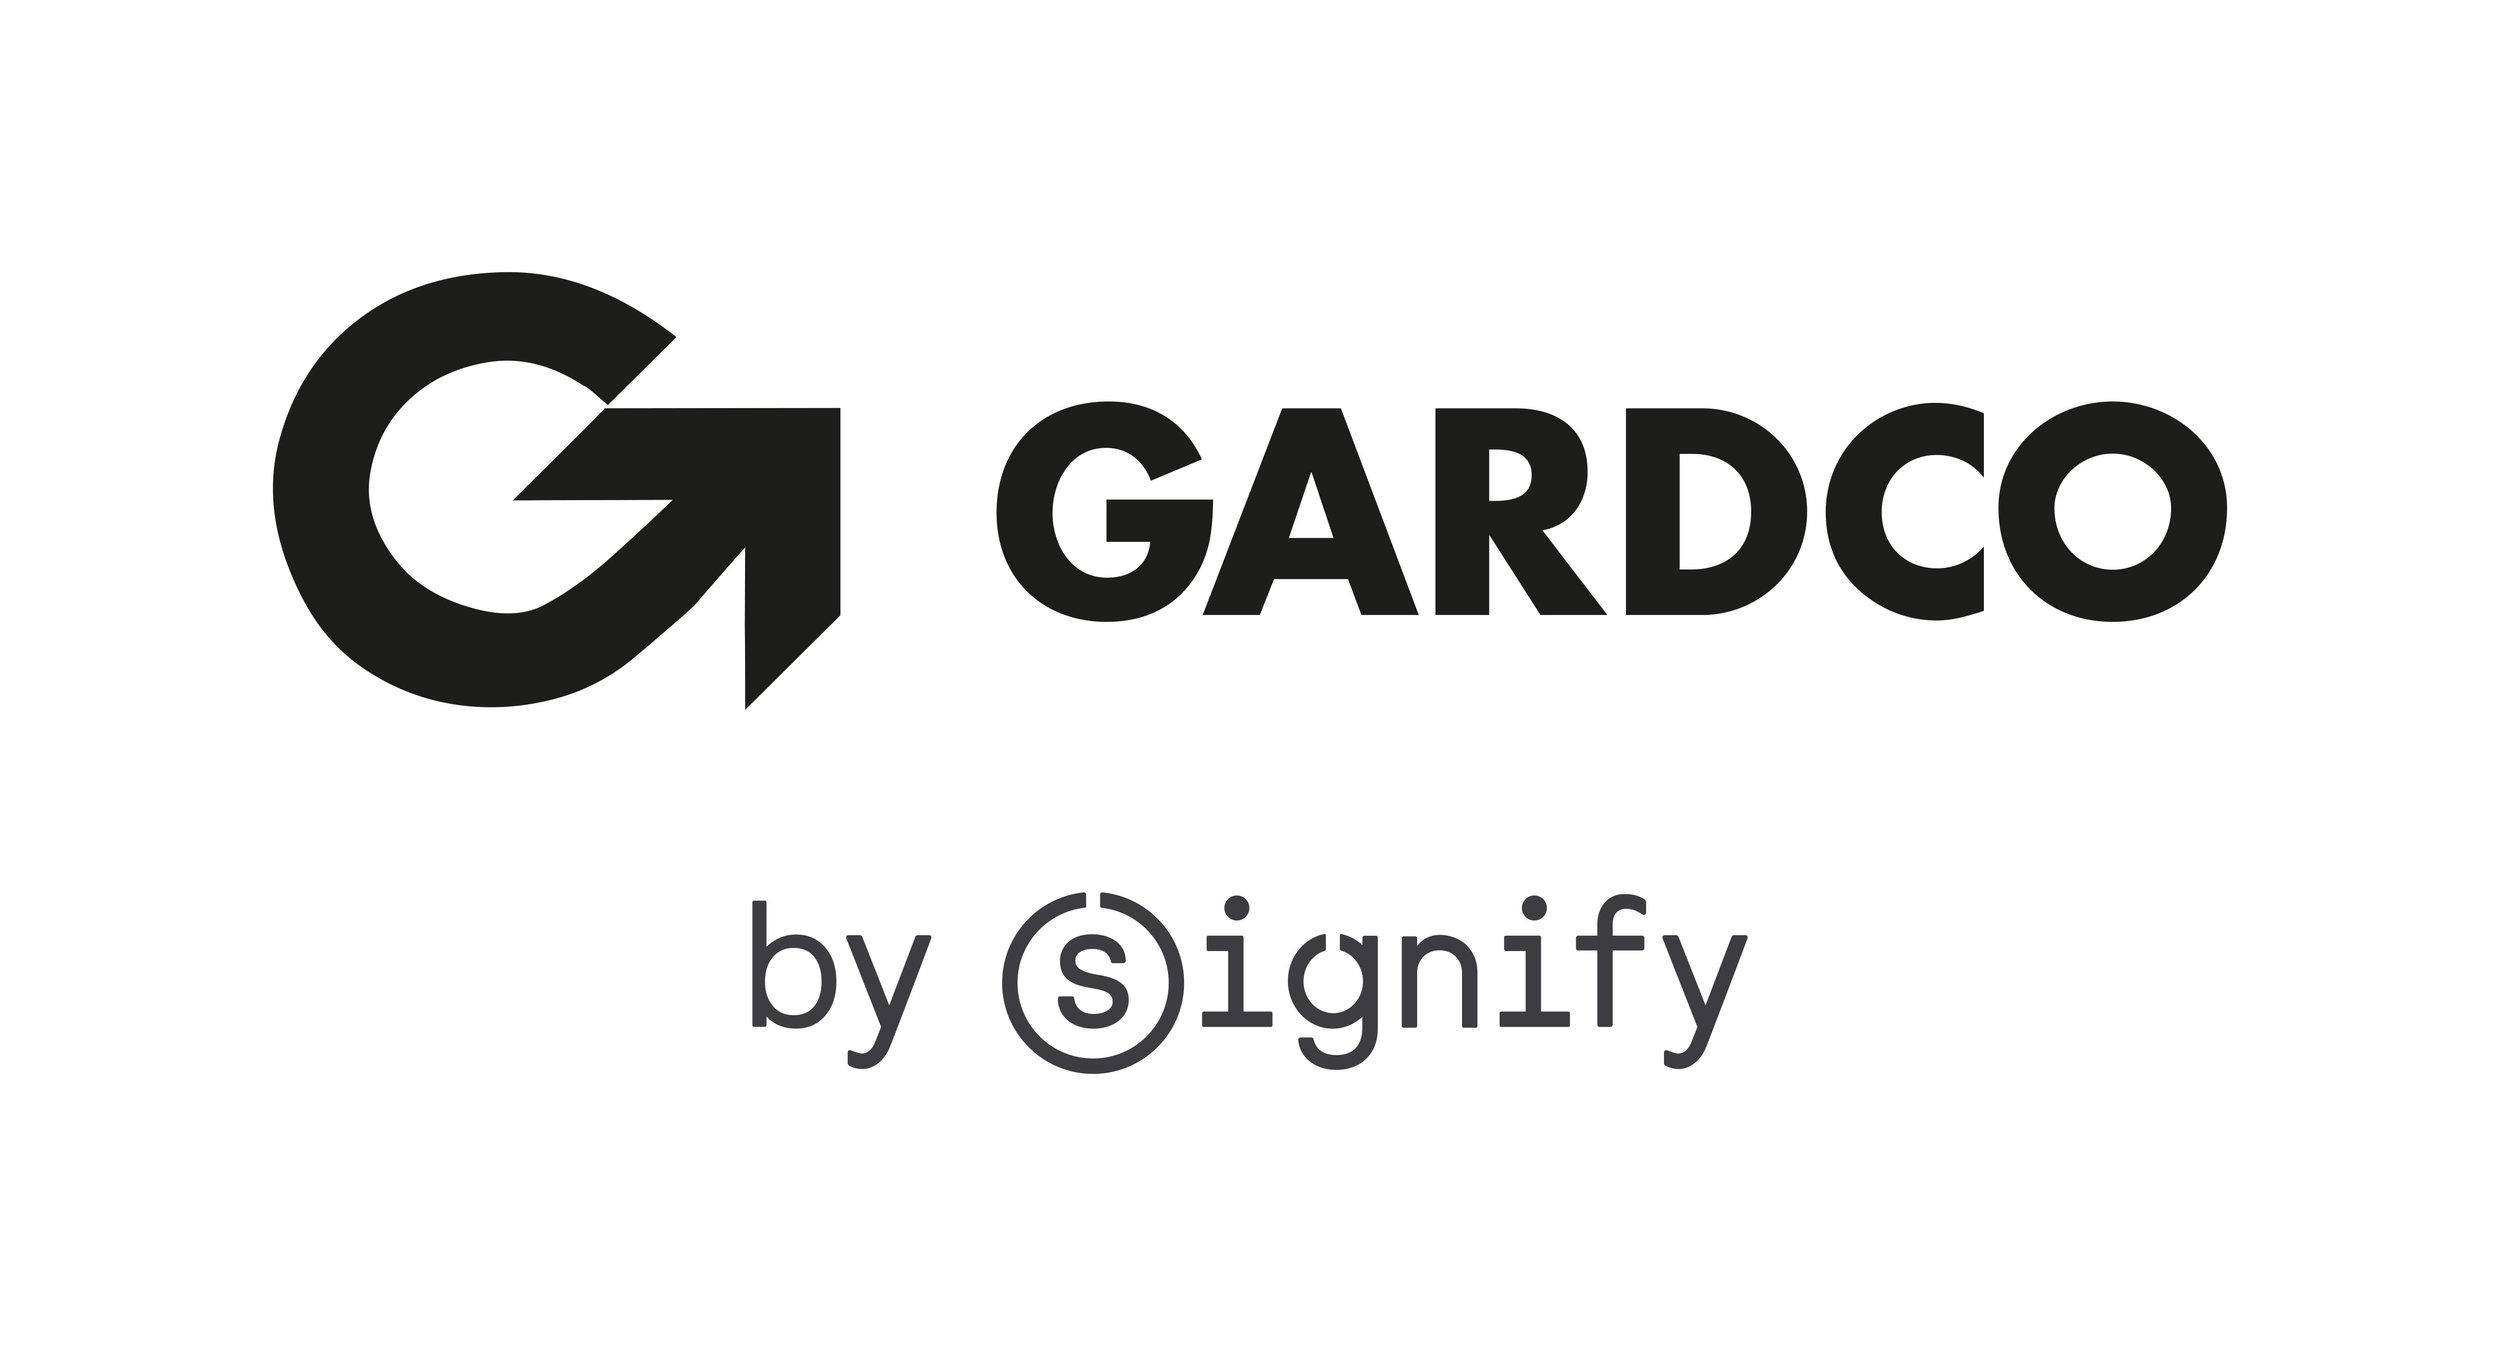 SIG_END_GARDCO_RGB.jpg